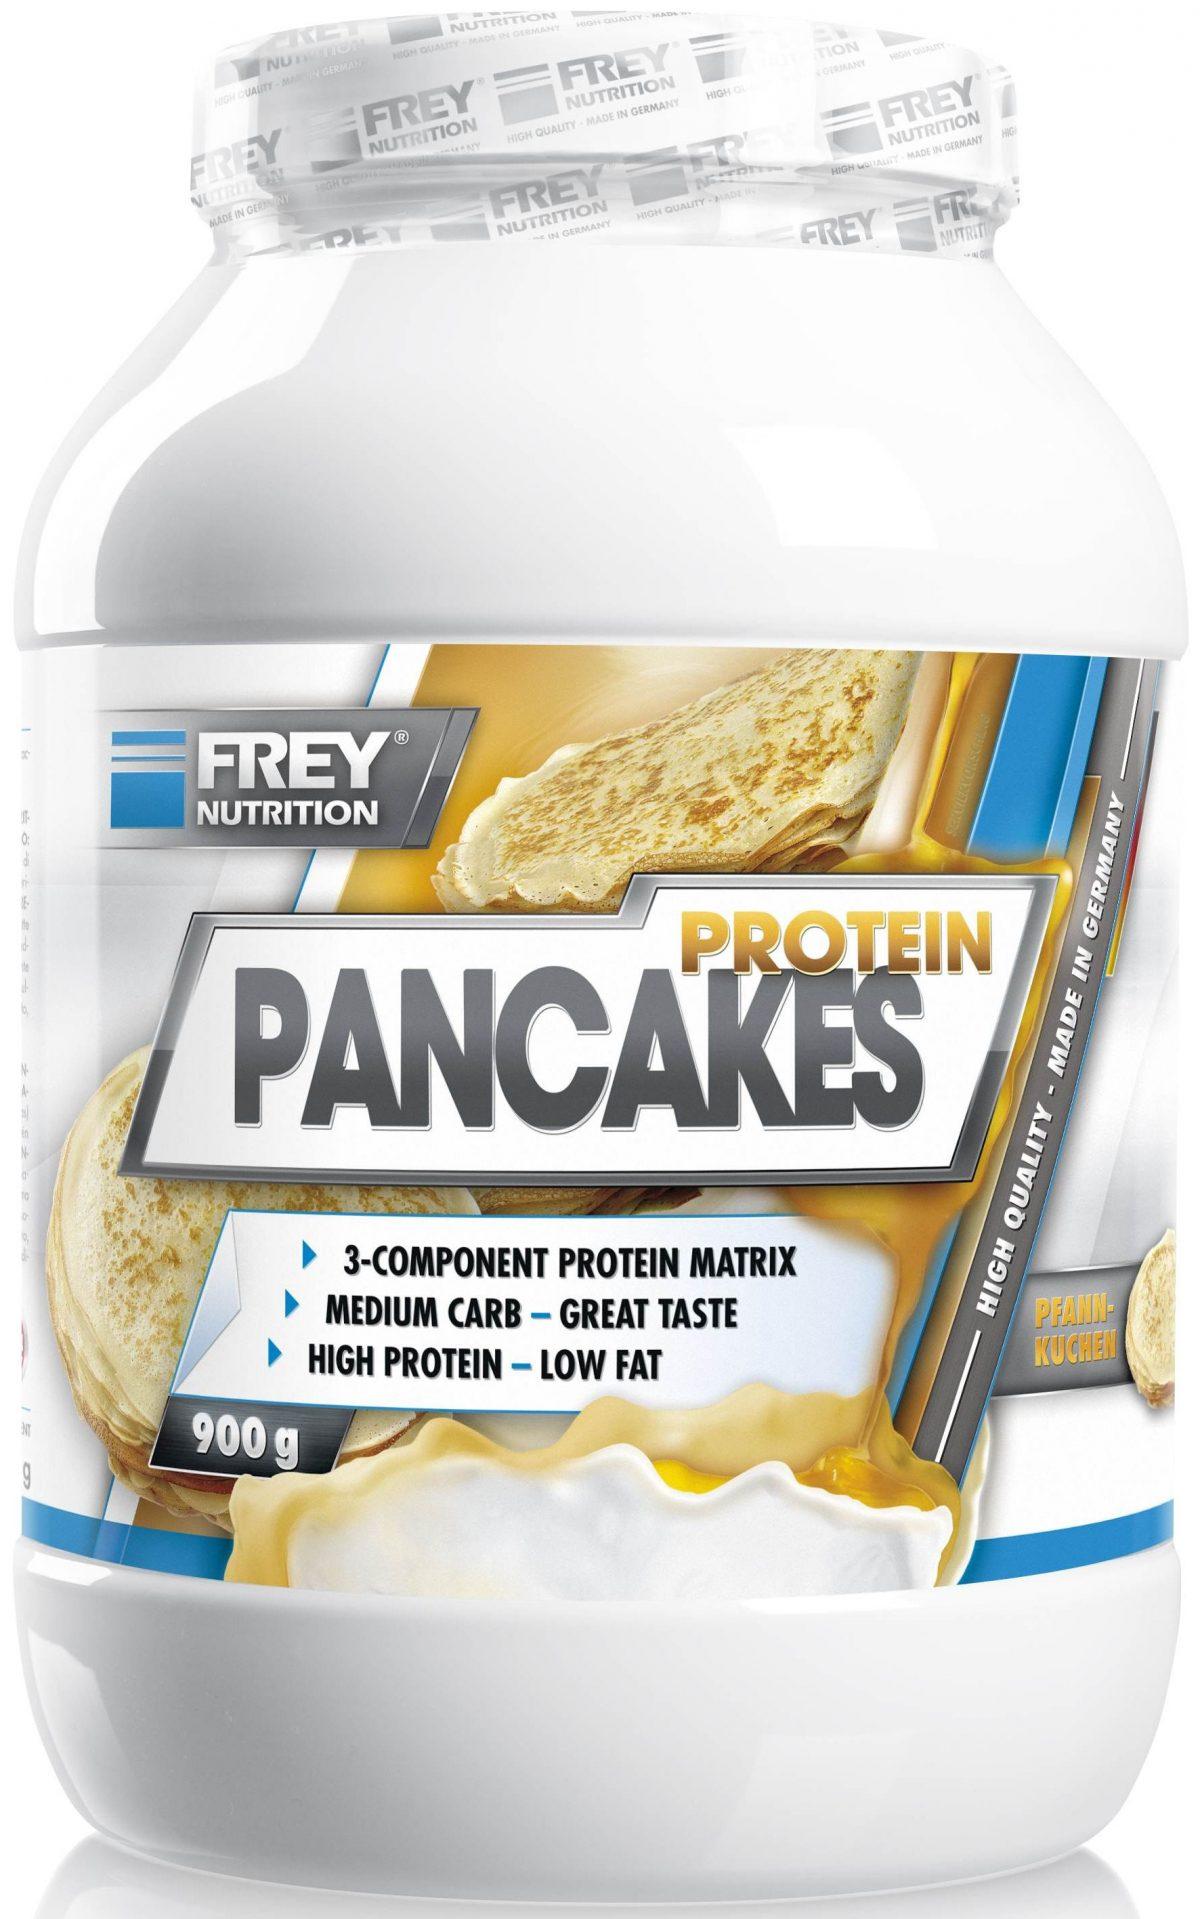 FREY NUTRITION Protein Pancakes - 900g